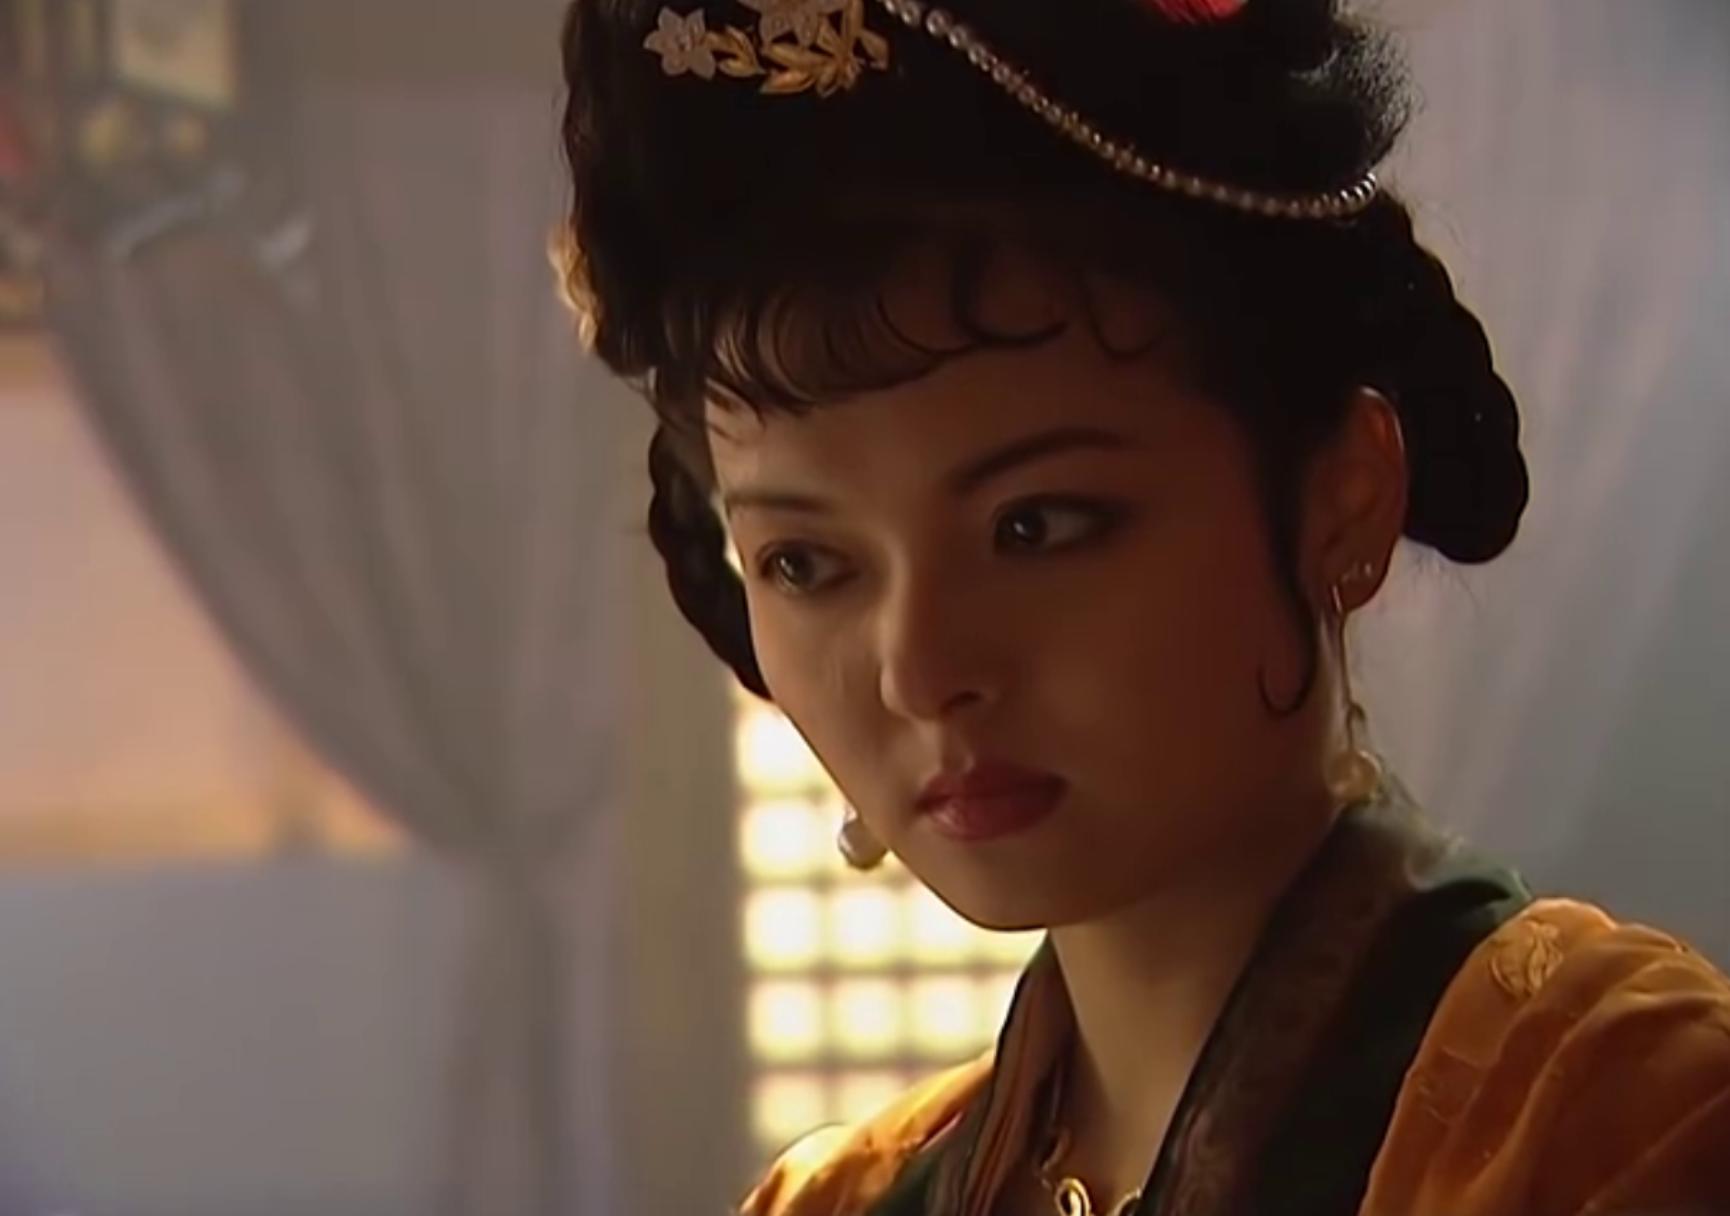 阎婆惜_慕青在《水浒传》中传神地塑造了不守妇道的阎婆惜形象